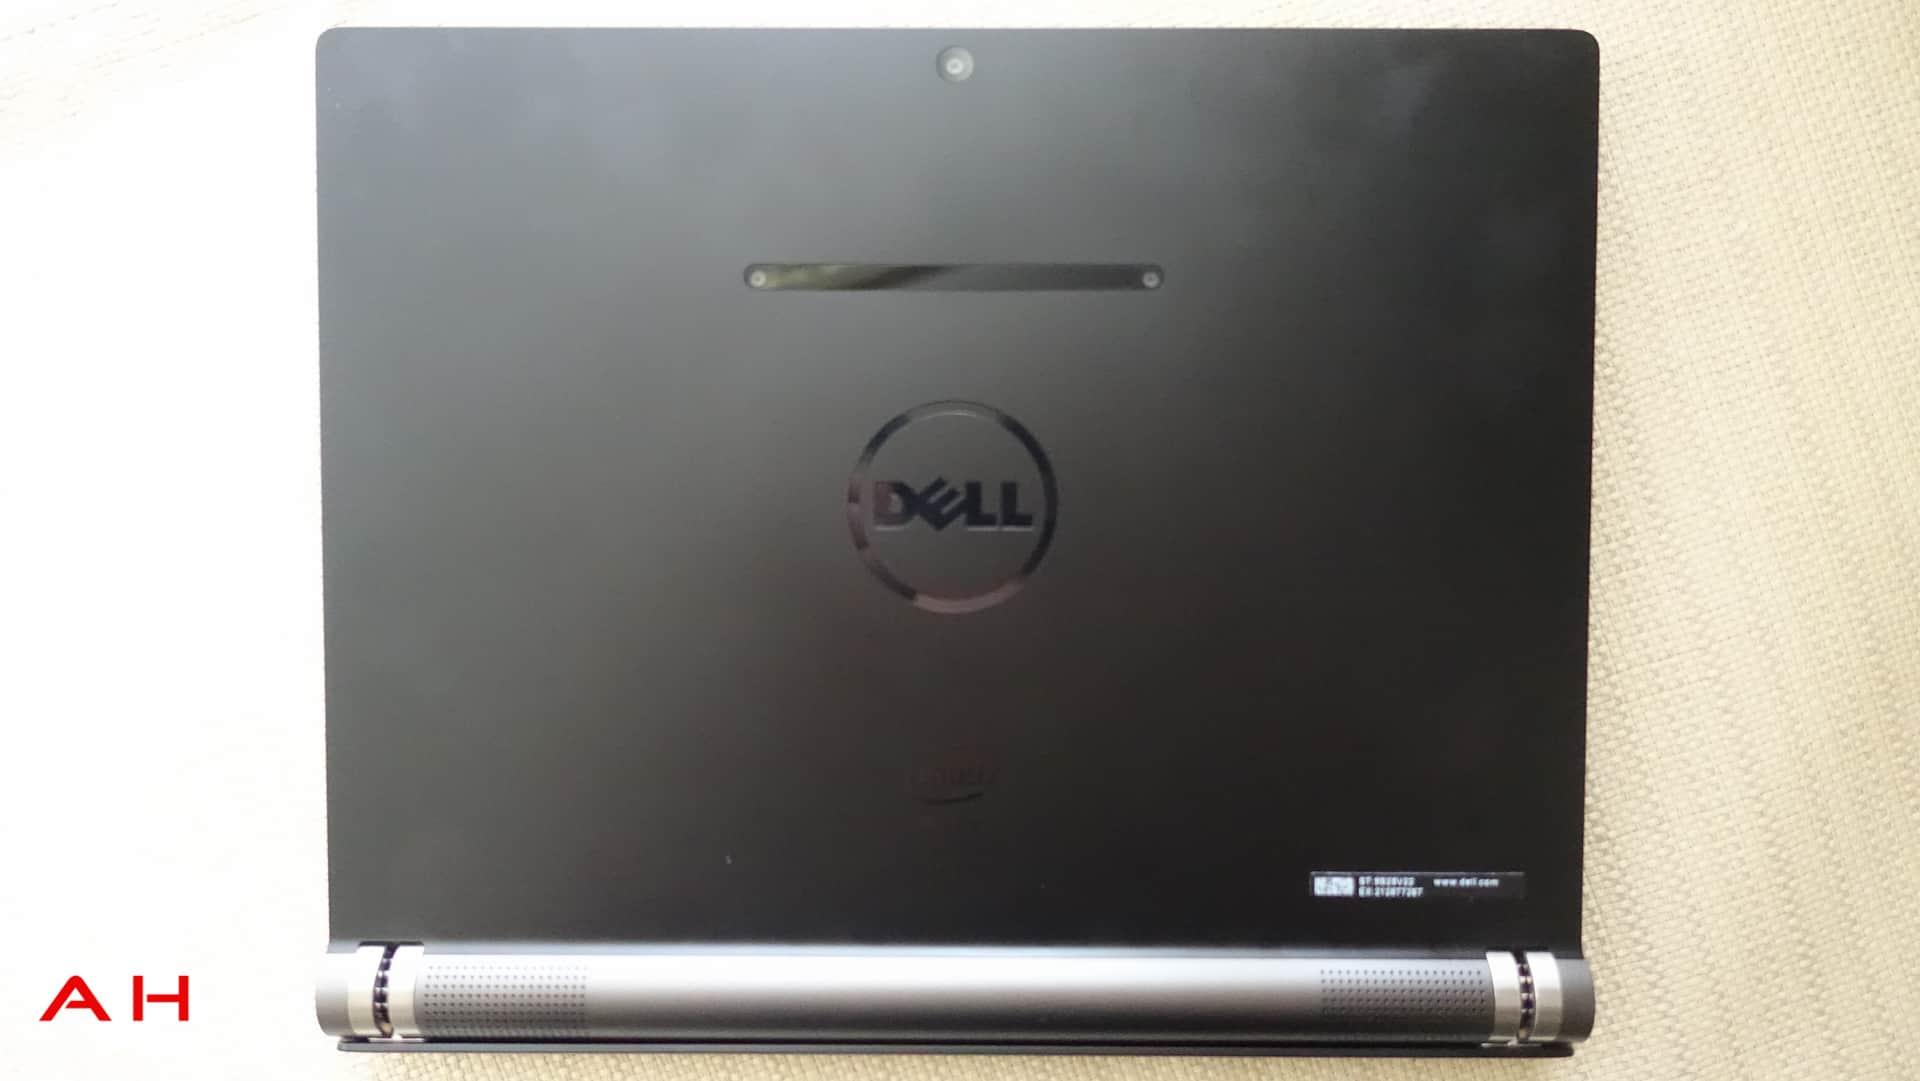 Dell-Venue-10-7000-AH-5